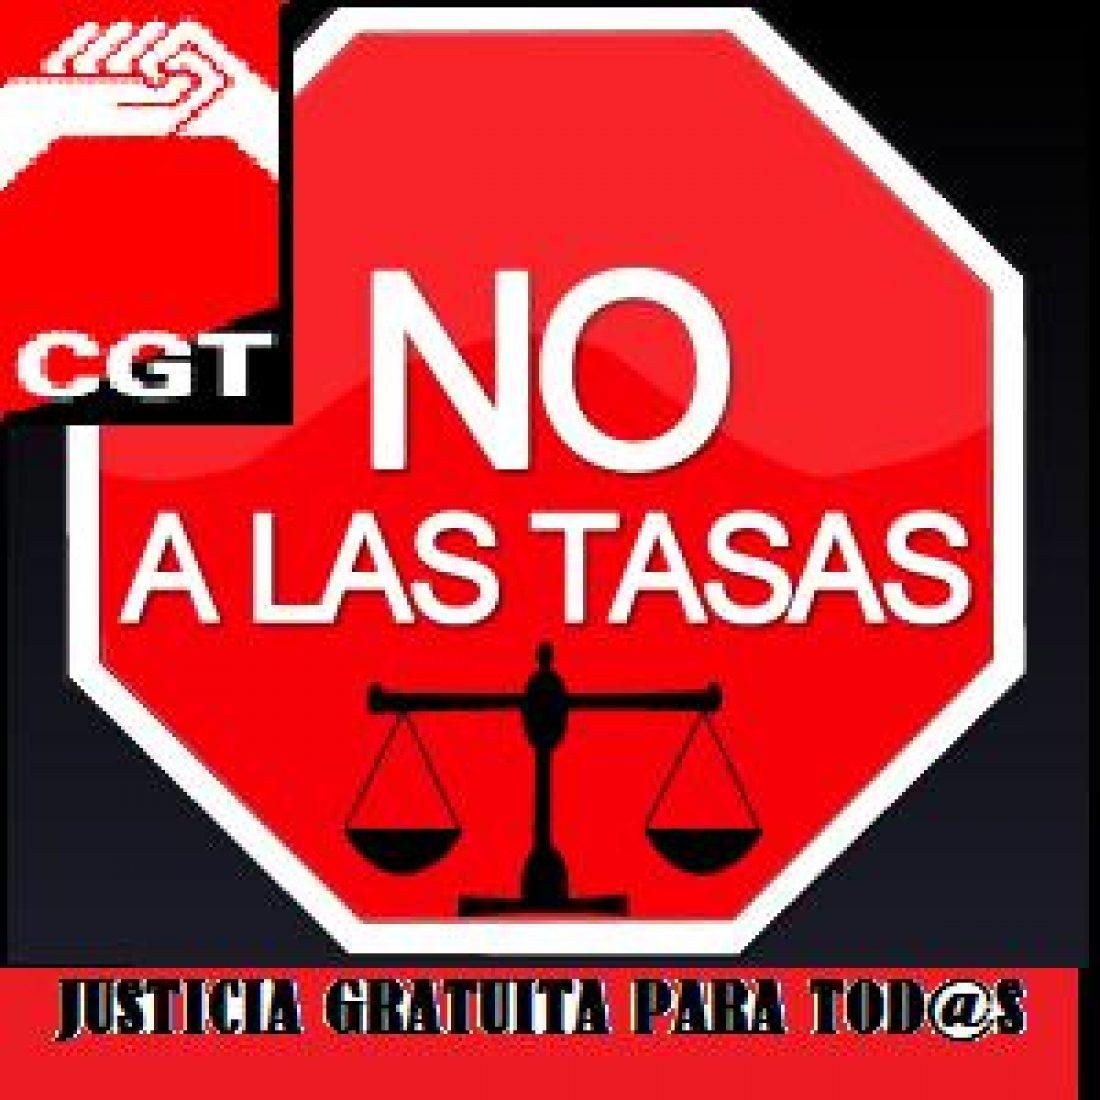 CGT Málaga convoca concentración contra la nueva ley de tasas judiciales